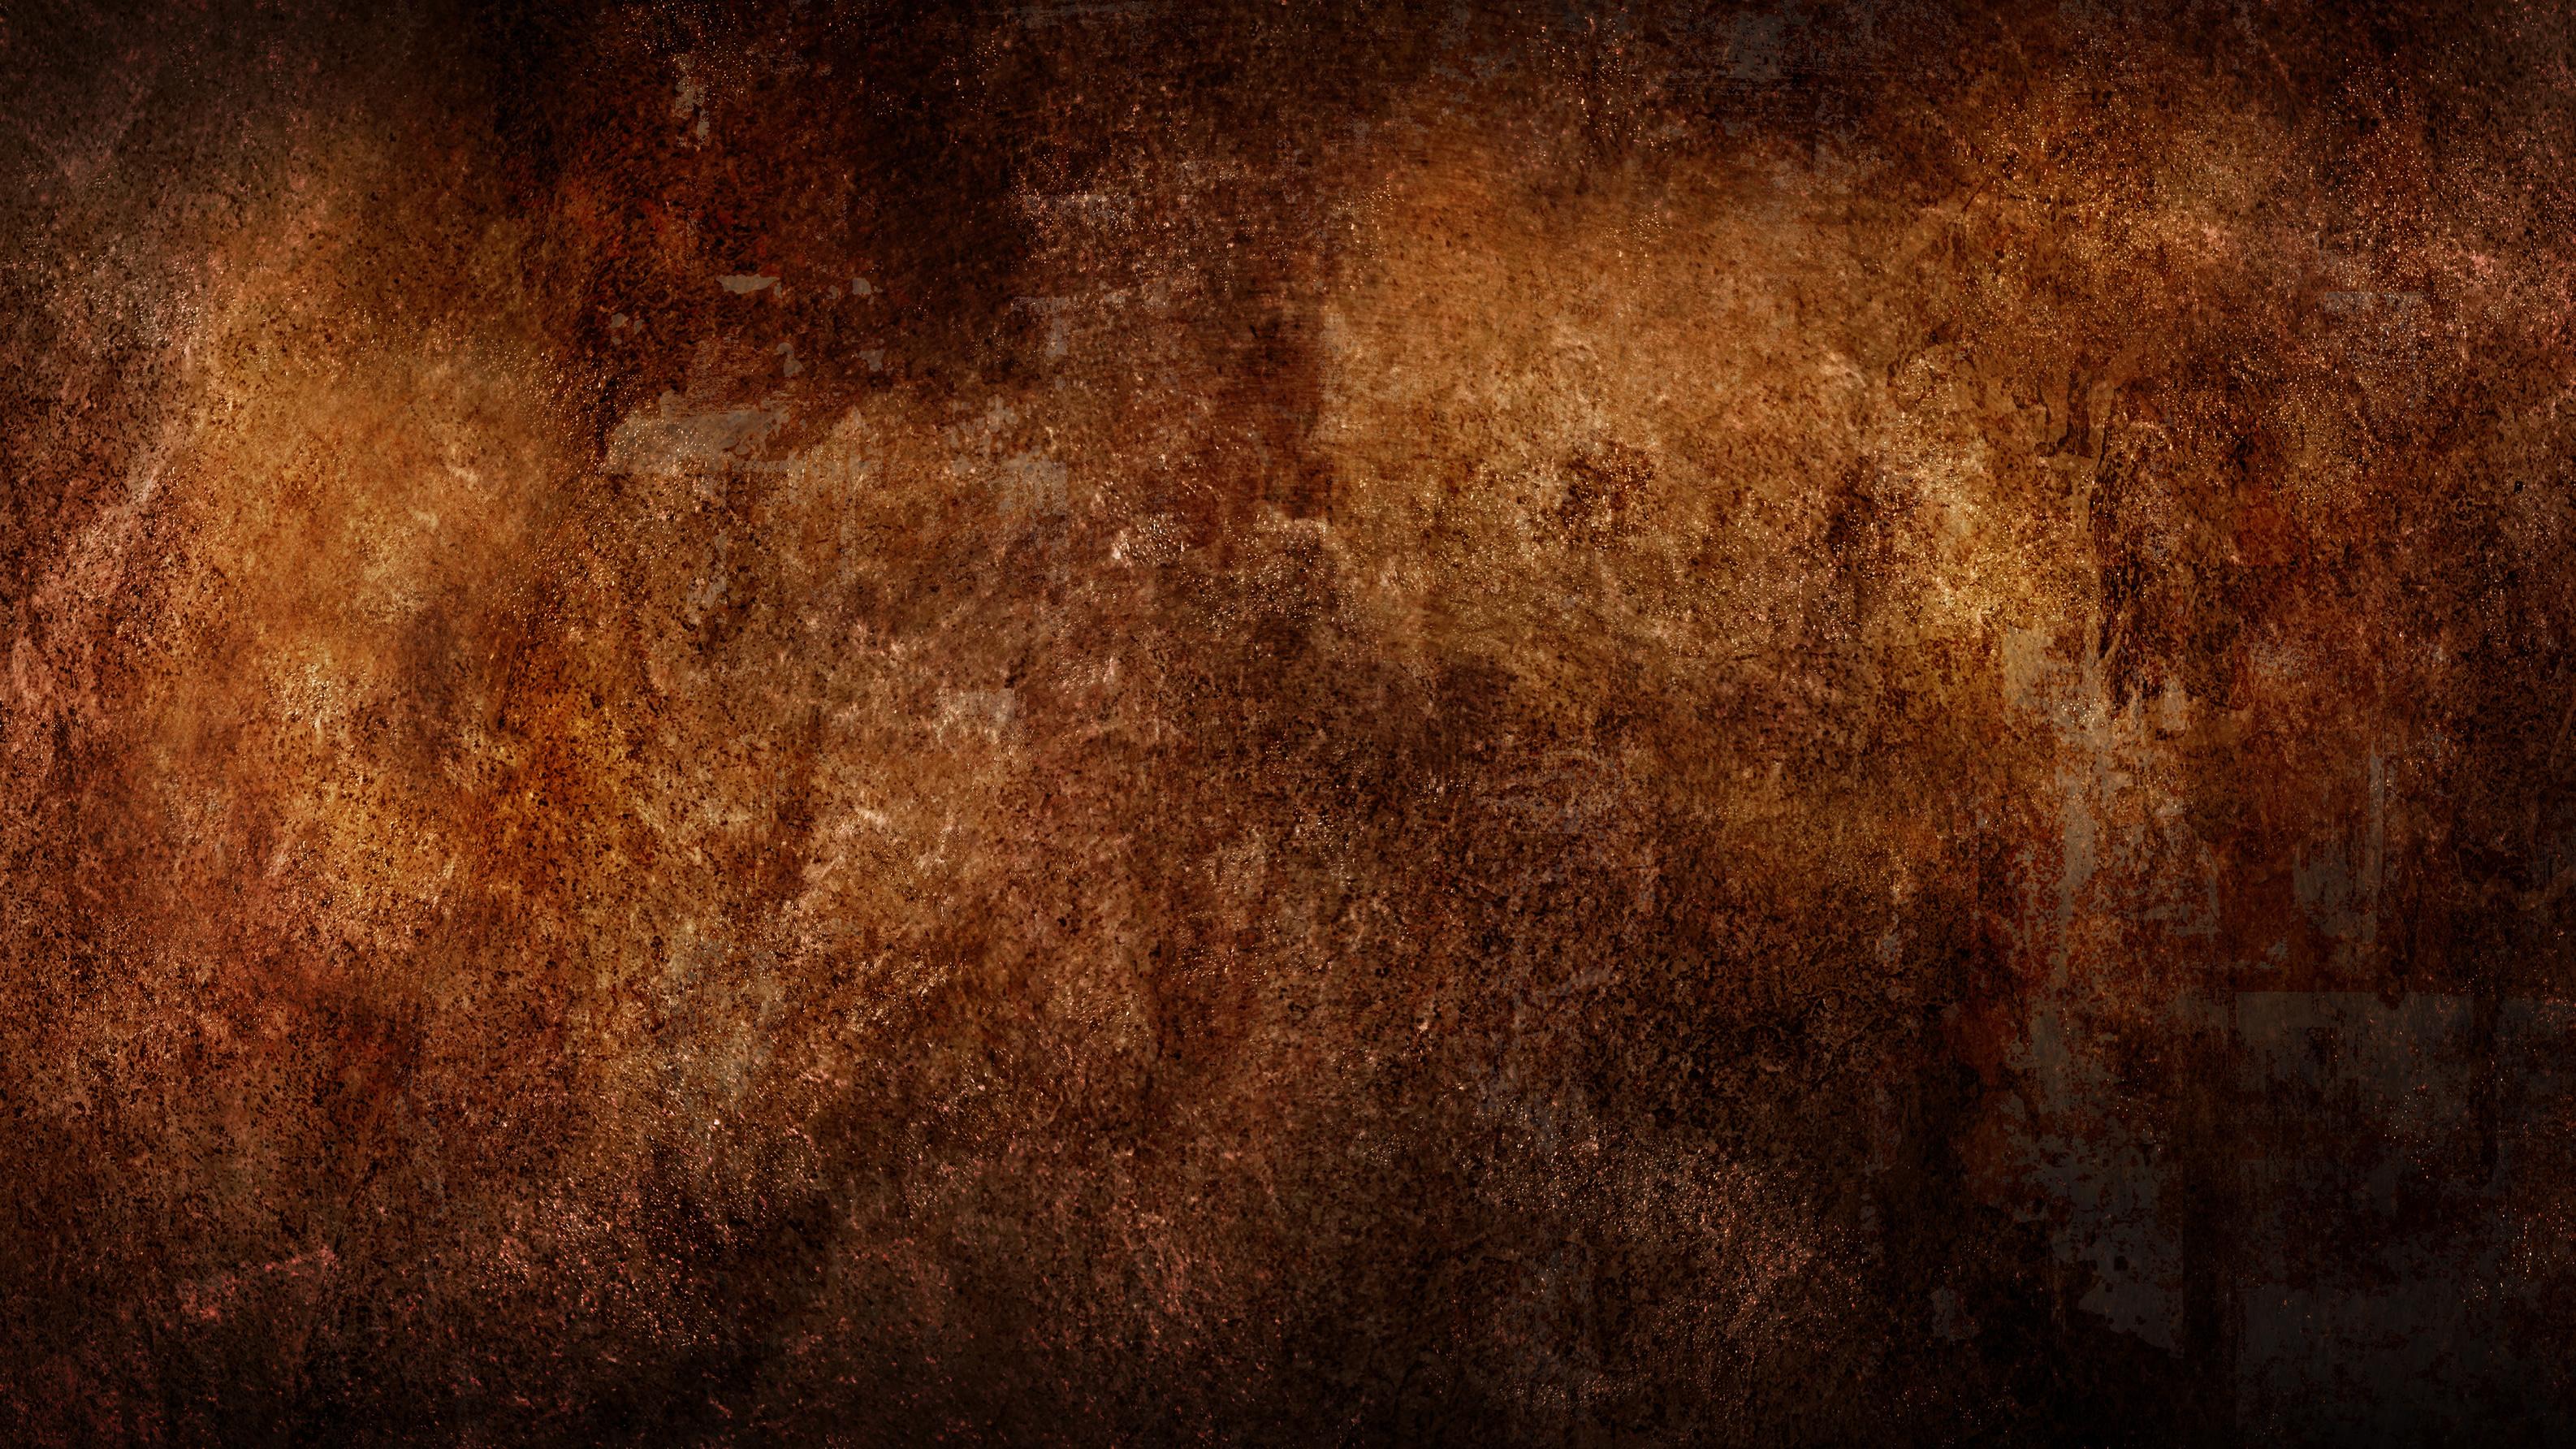 Download texture Rust metal texture background old metal texture 3172x1784